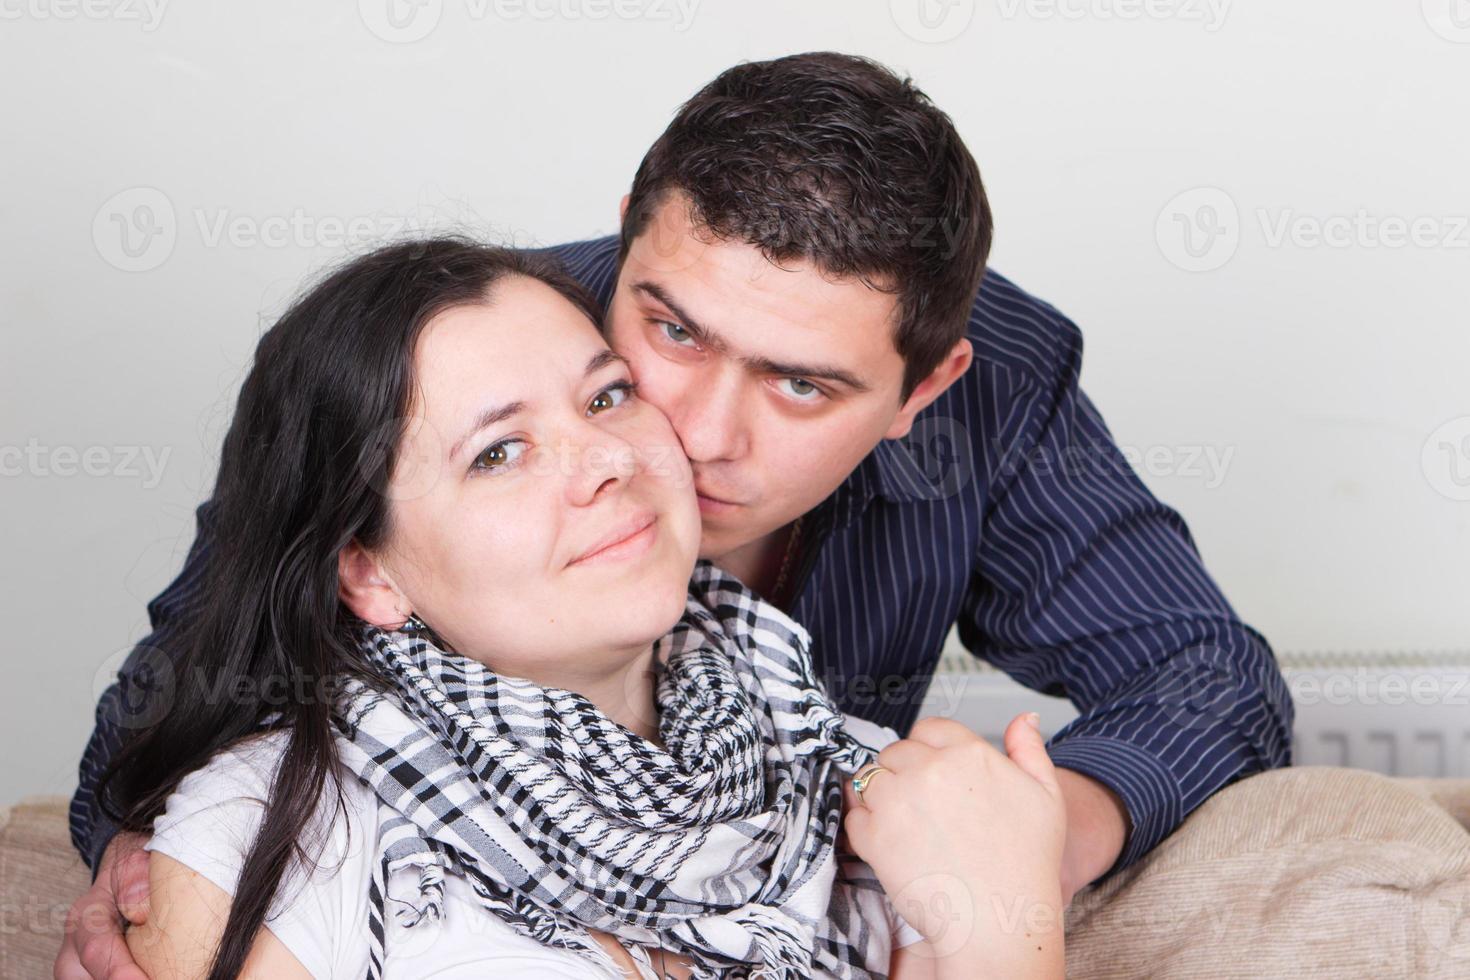 jovem casal de família apaixonada foto